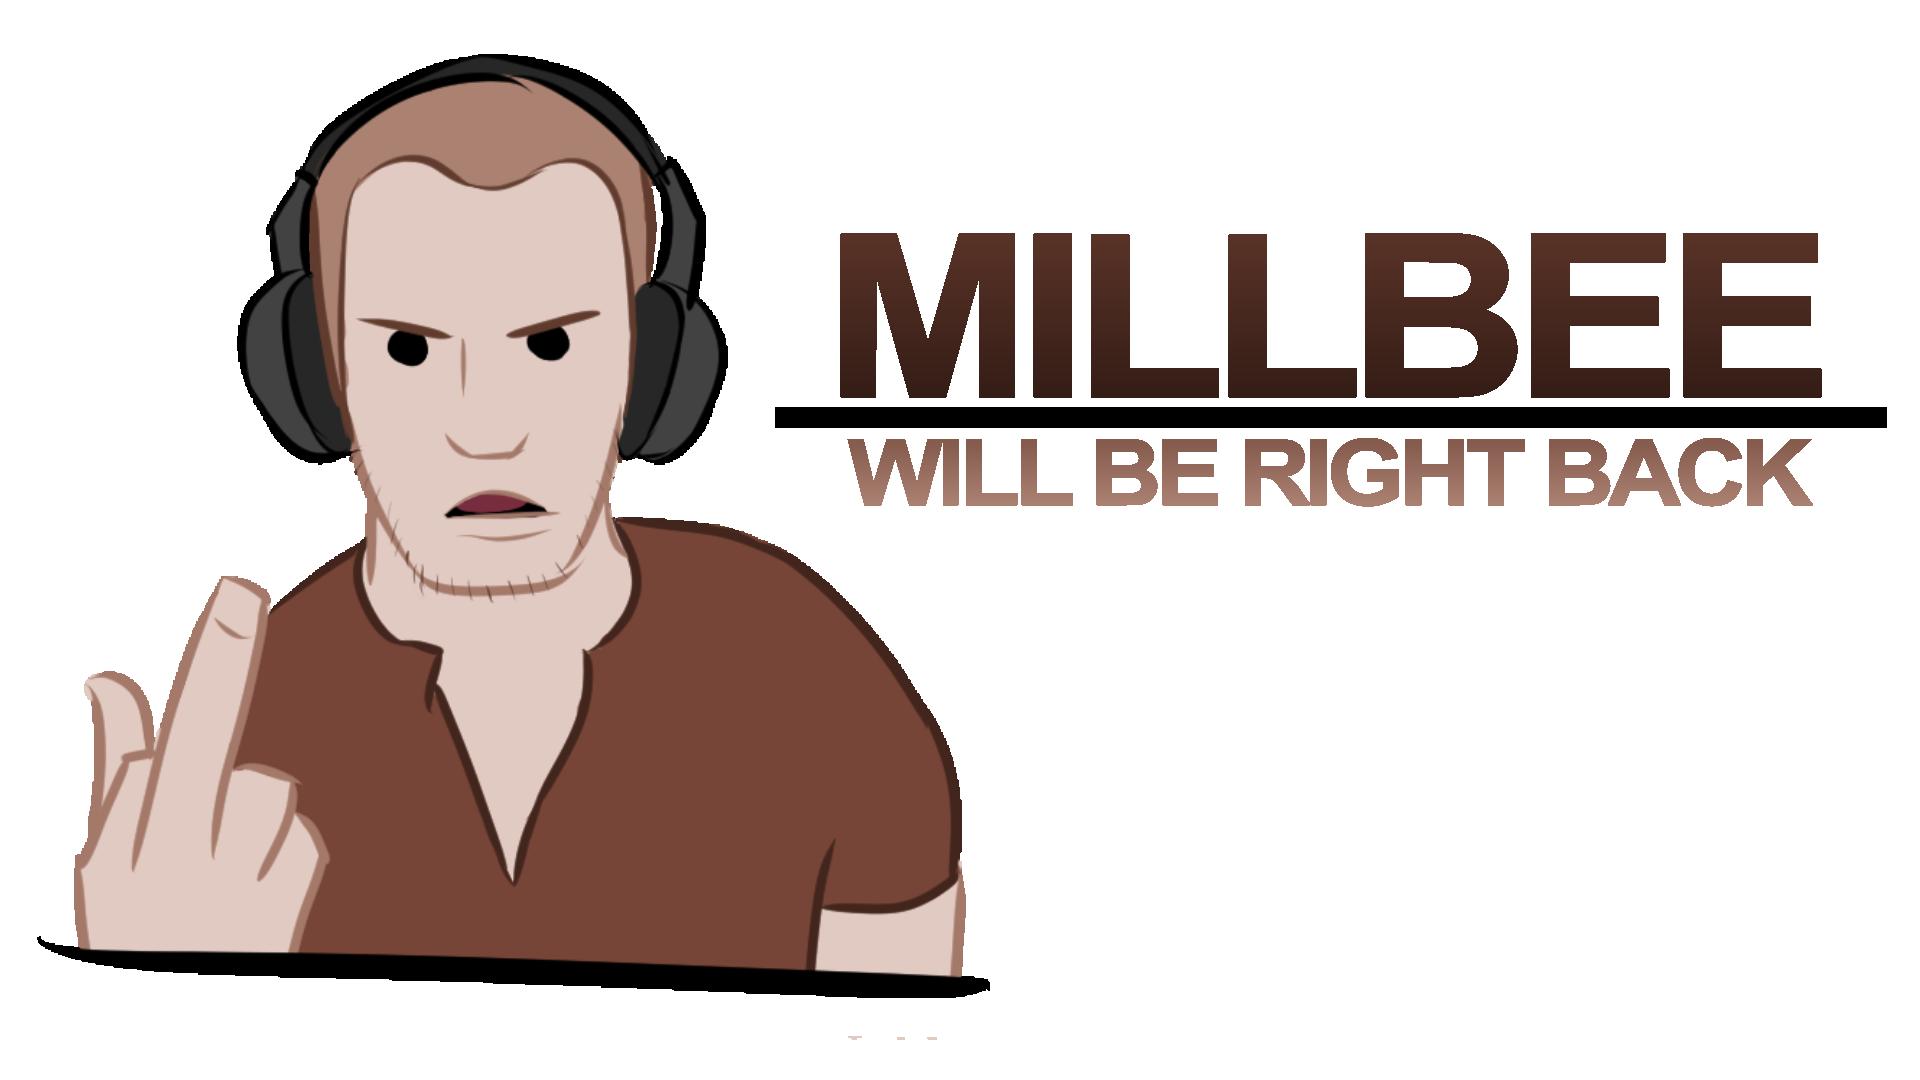 Millbrb by ScottyTaylor